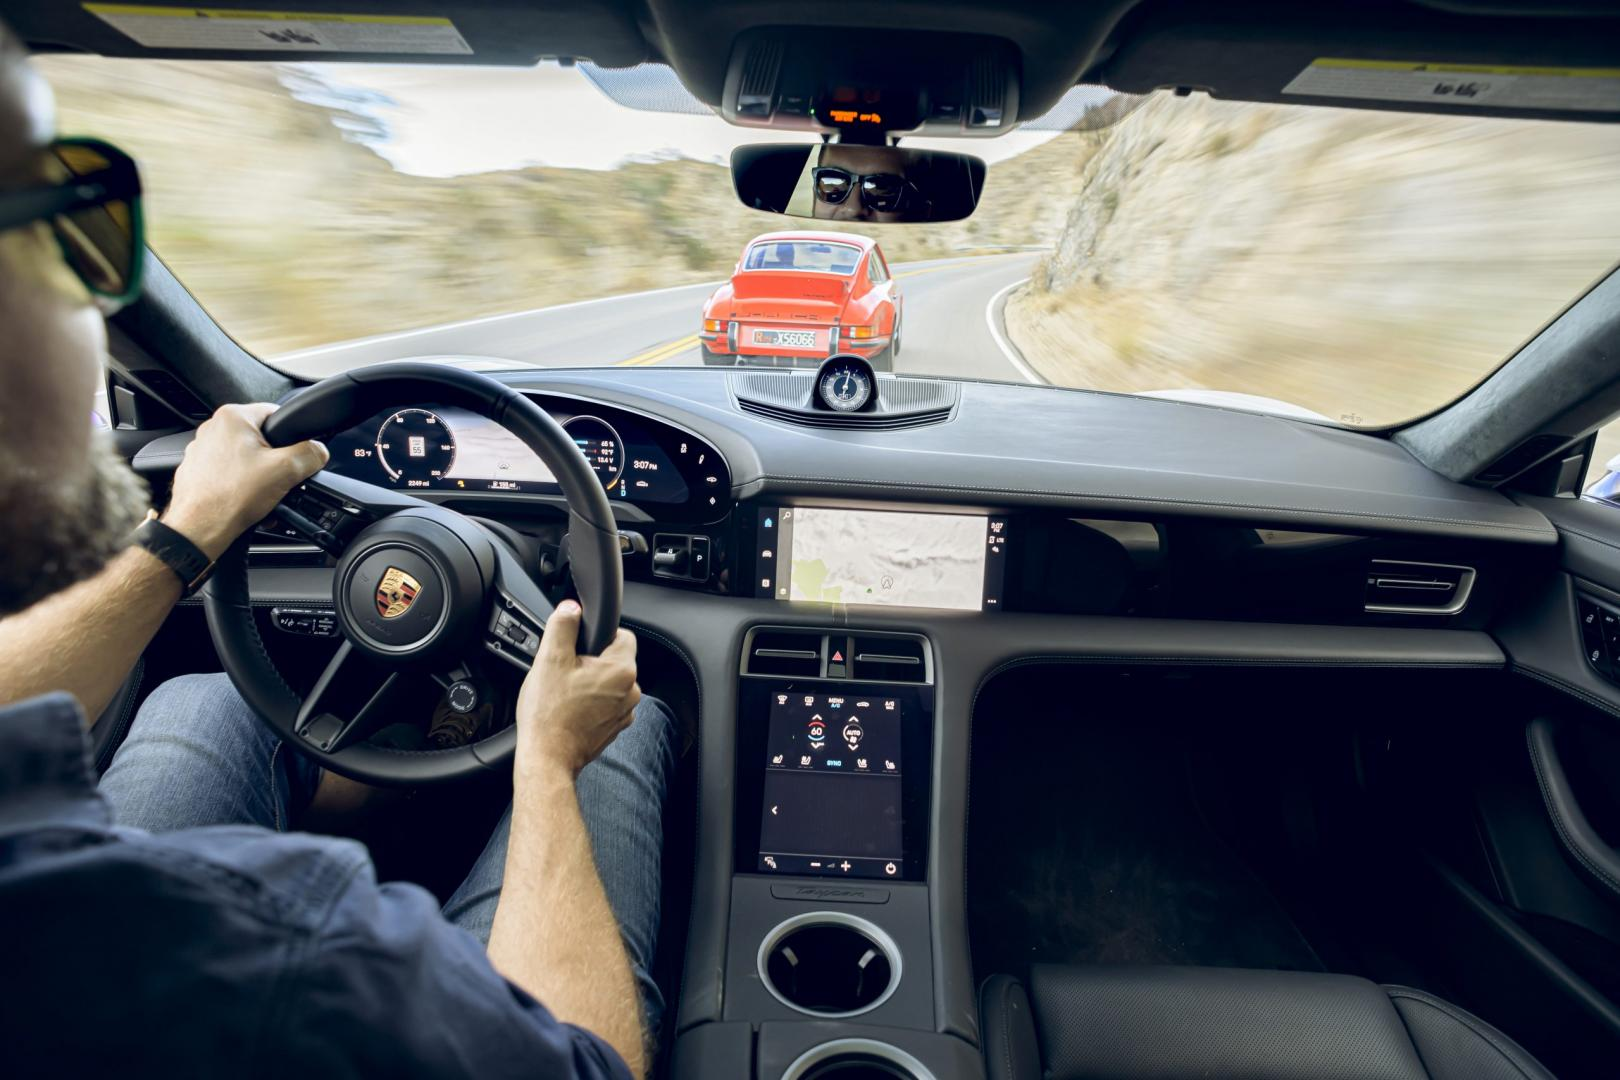 Porsche Taycan interieur dashboard